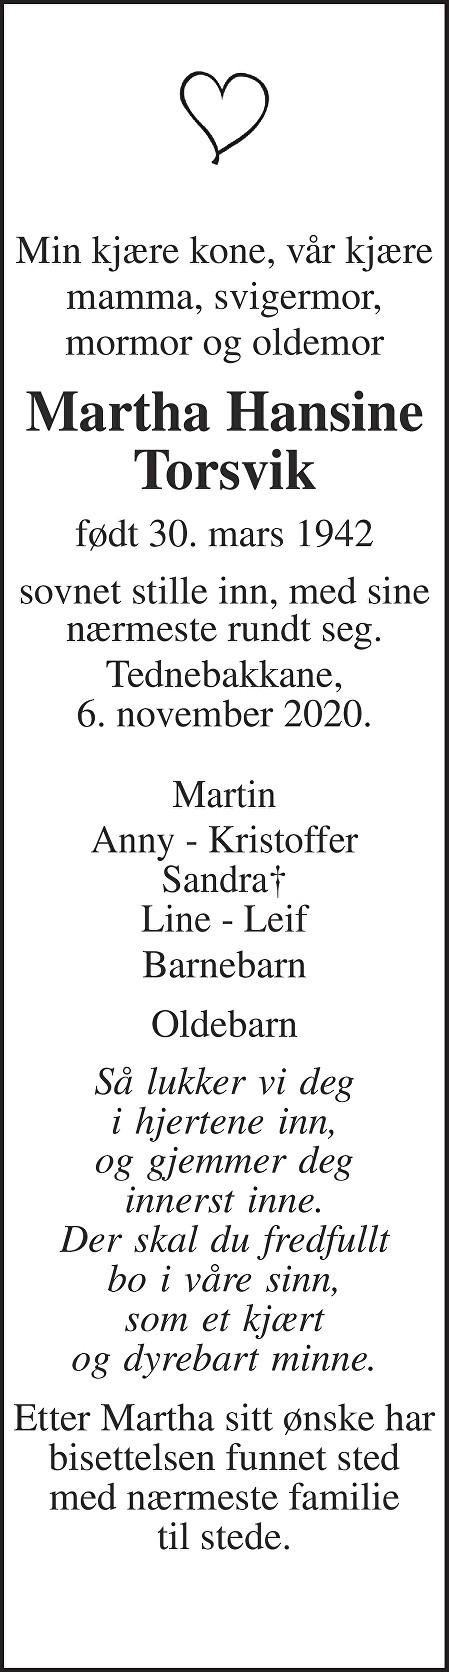 Martha Hansine Torsvik Dødsannonse